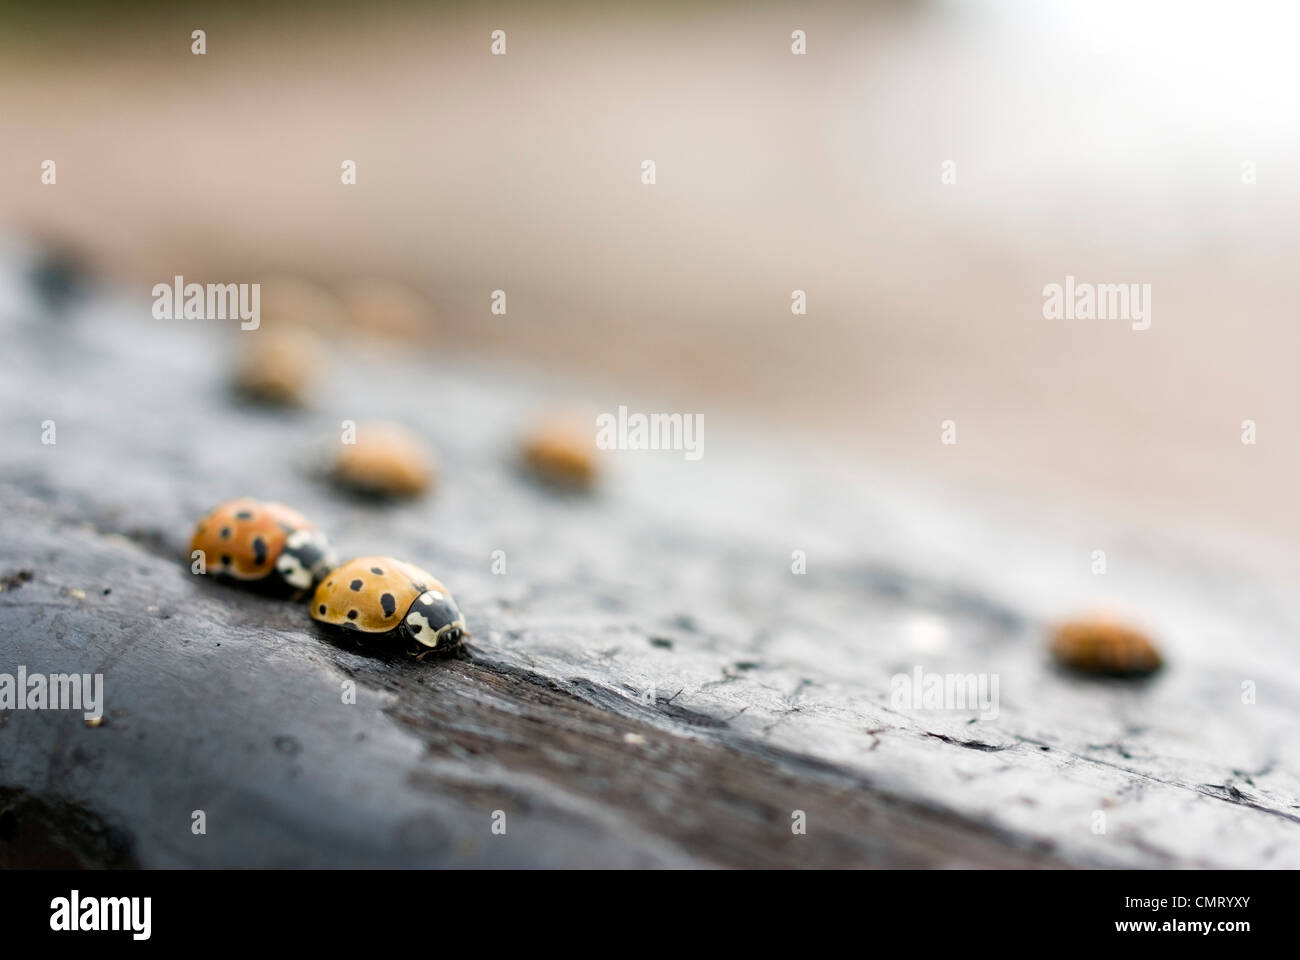 Selective focus of ladybugs on wood Stock Photo